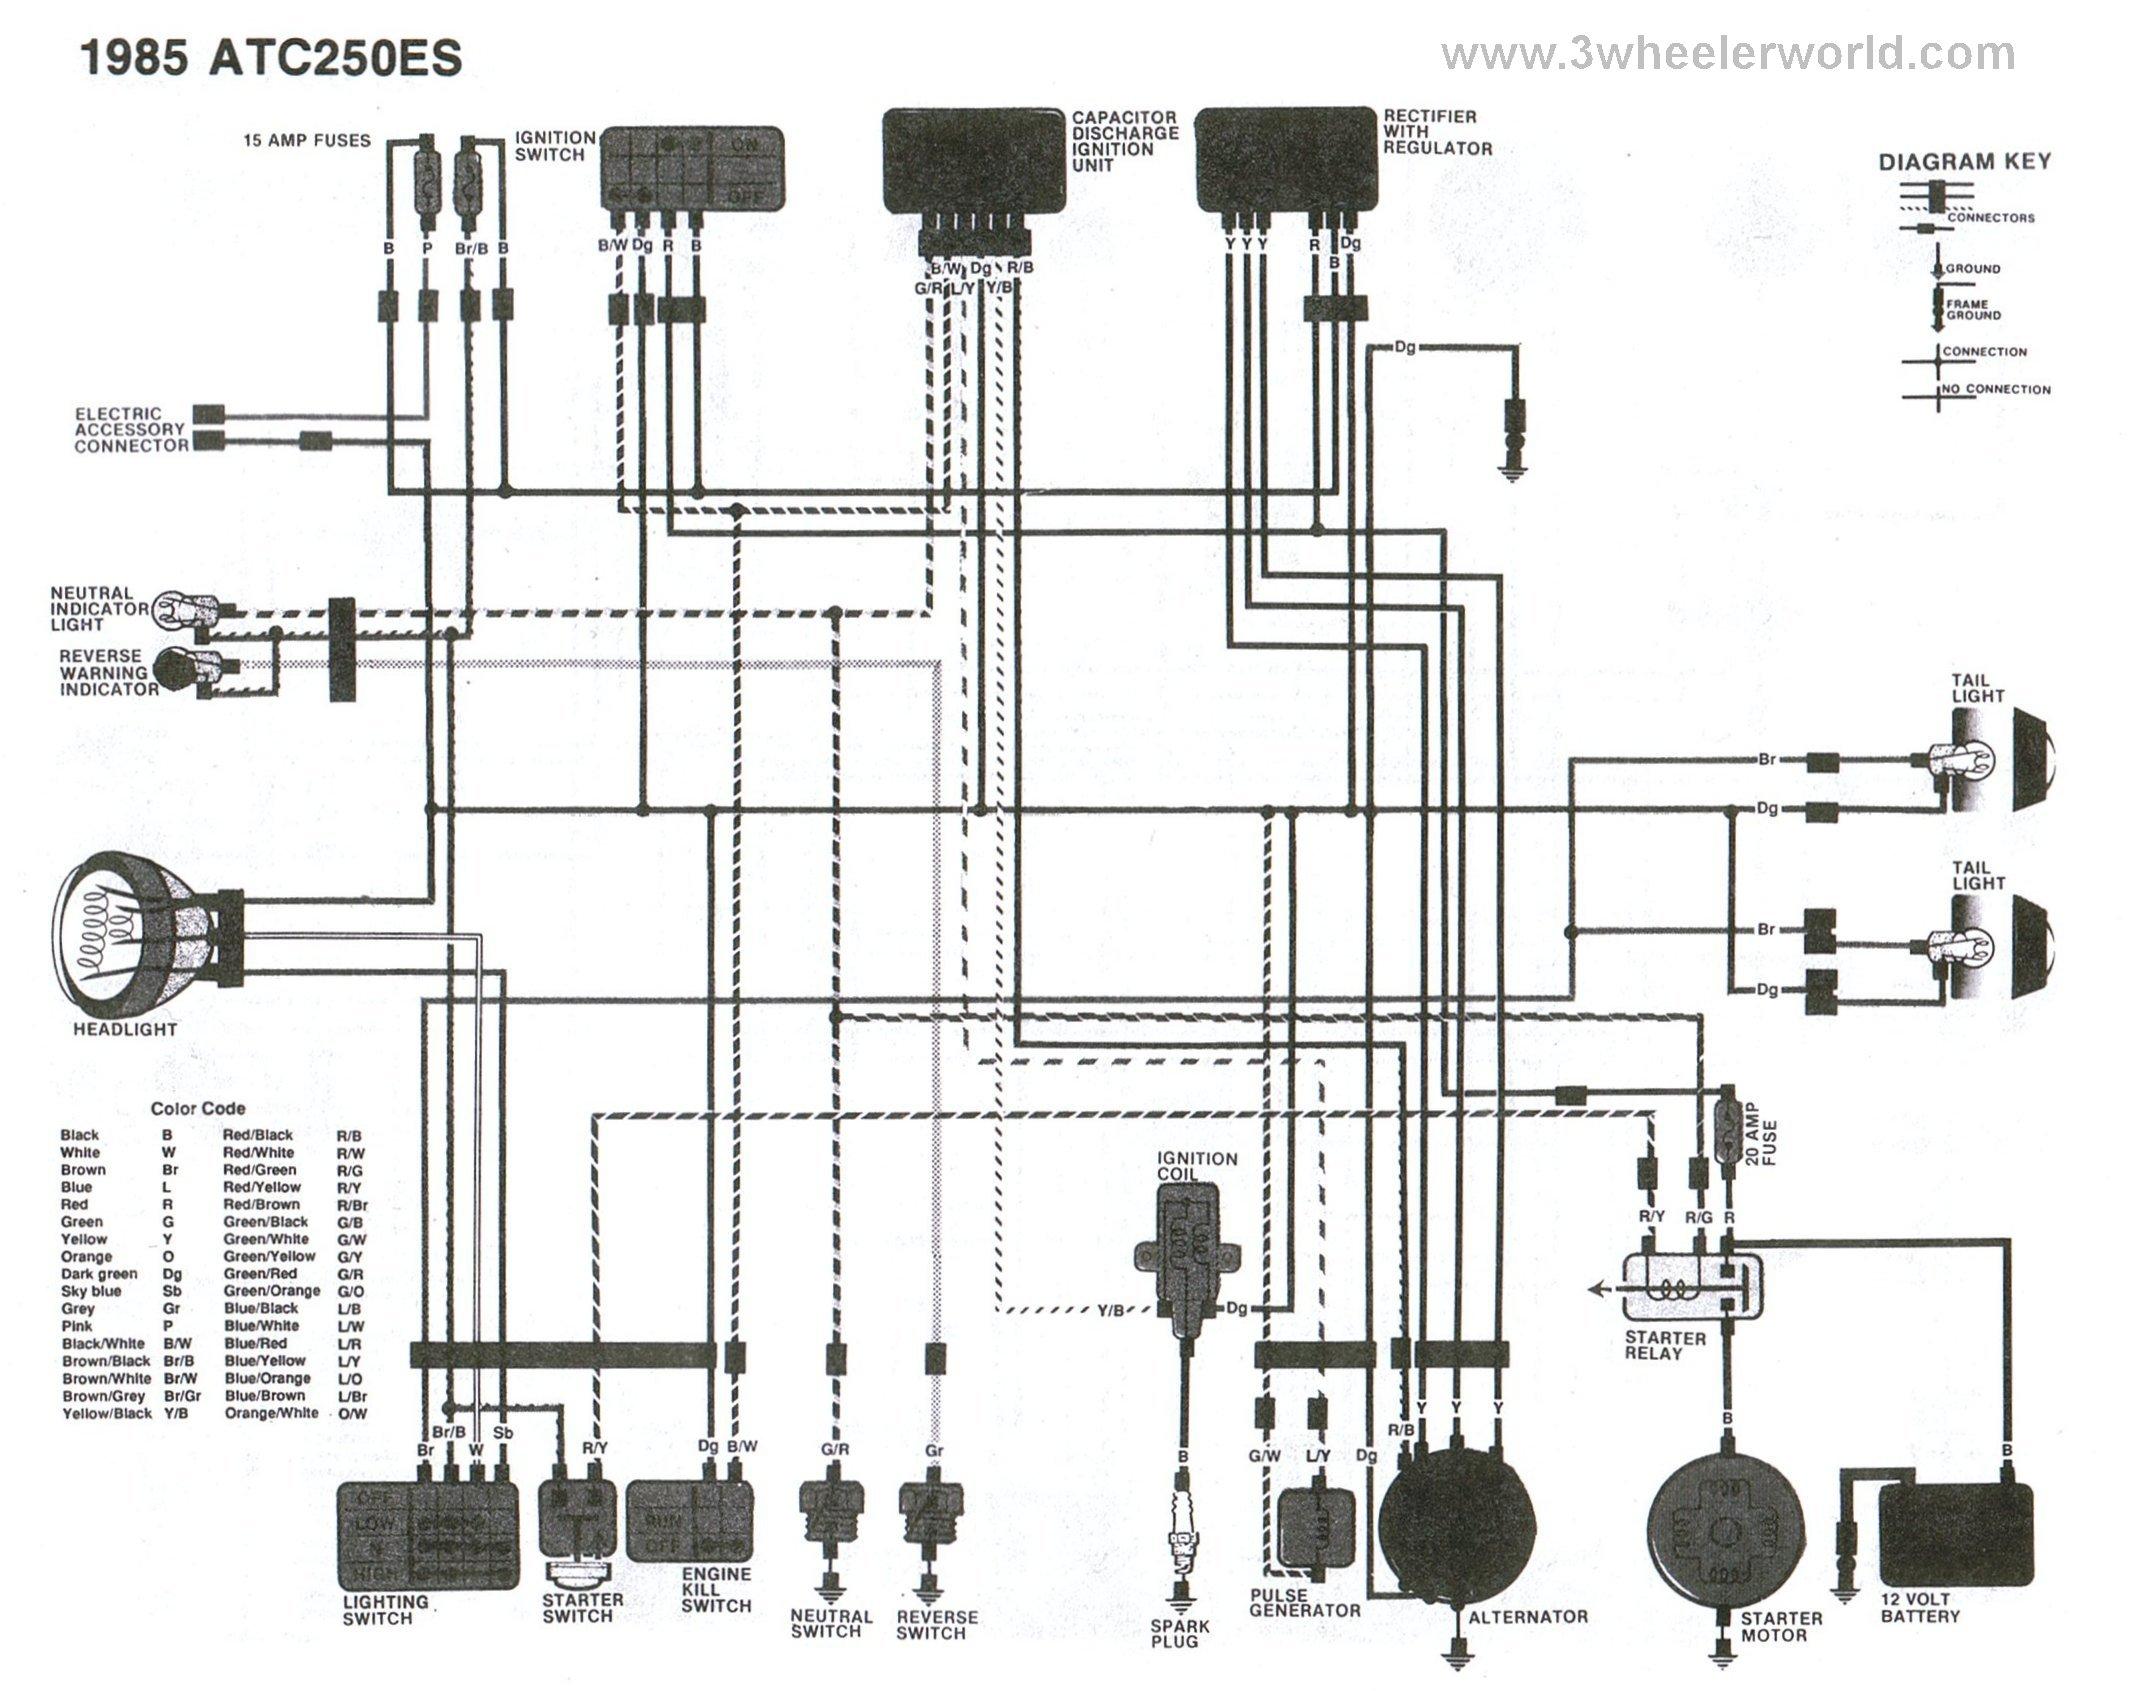 kz1300 wiring diagram with Kawasaki 610 Service Manual on Kawasaki 610 Service Manual furthermore Kawasaki Kz750 Engine besides Kawasaki Kz550 Parts as well Rosemount 1066 Wiring Diagram besides 1982 Gpz 750 Wiring Diagram Schematic.